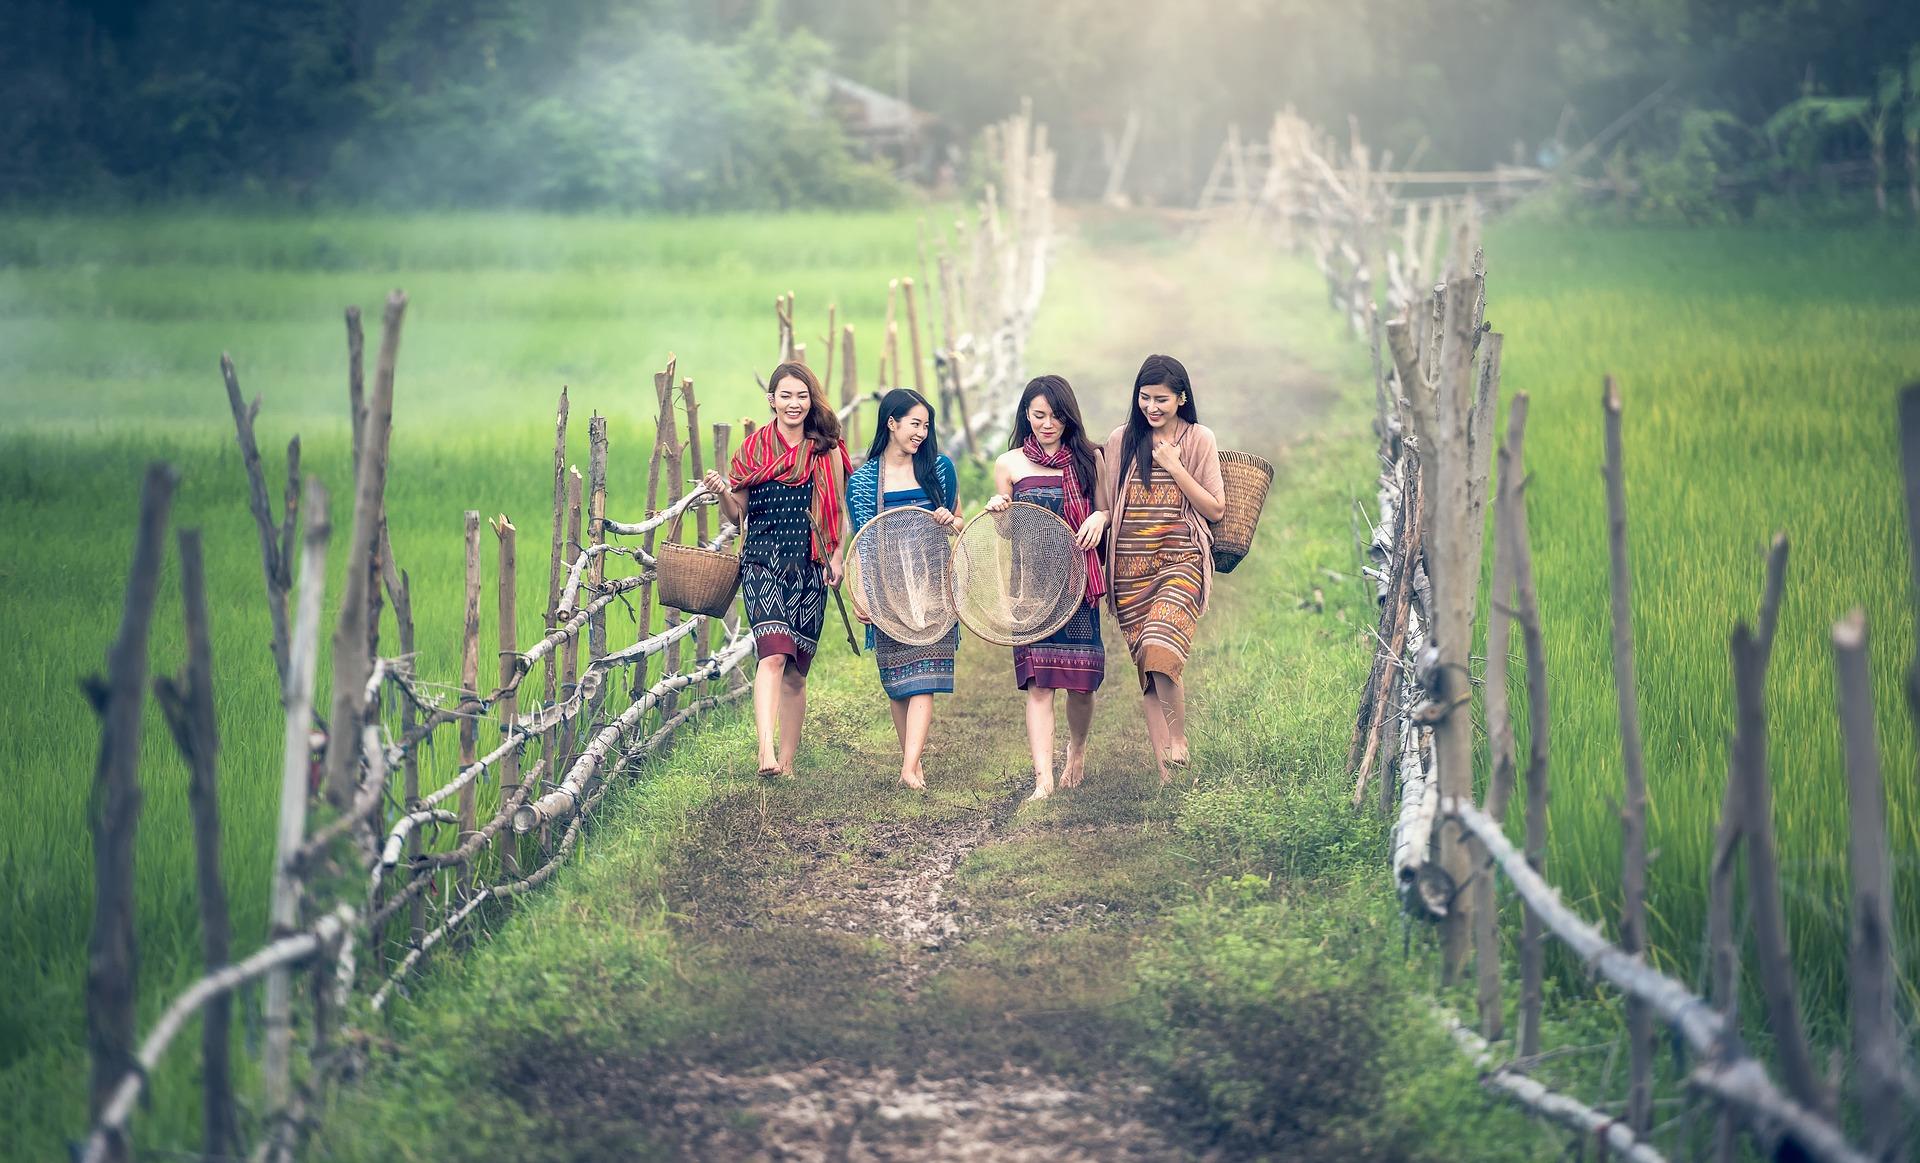 ベトナム女性たち